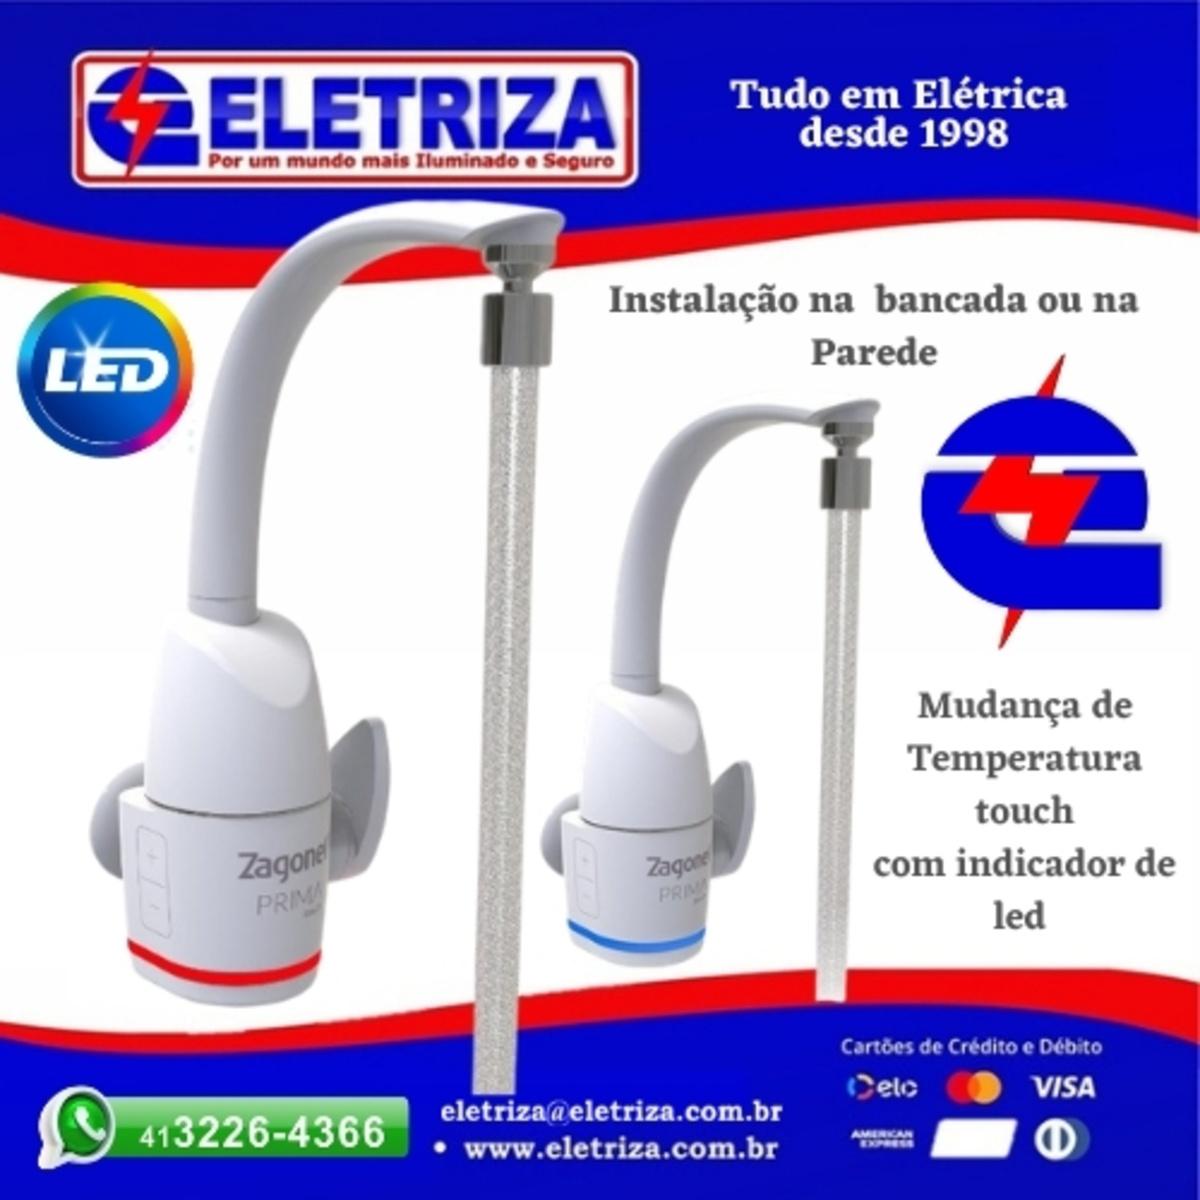 TORNEIRA ELETRICA  DE PAREDE E BANCADA  - ELETRÔNICA PRIMA 5500W 127V BRANCA ZAGONEL - INDICADOR DE TEMPERATURA  EM LED TOUCH